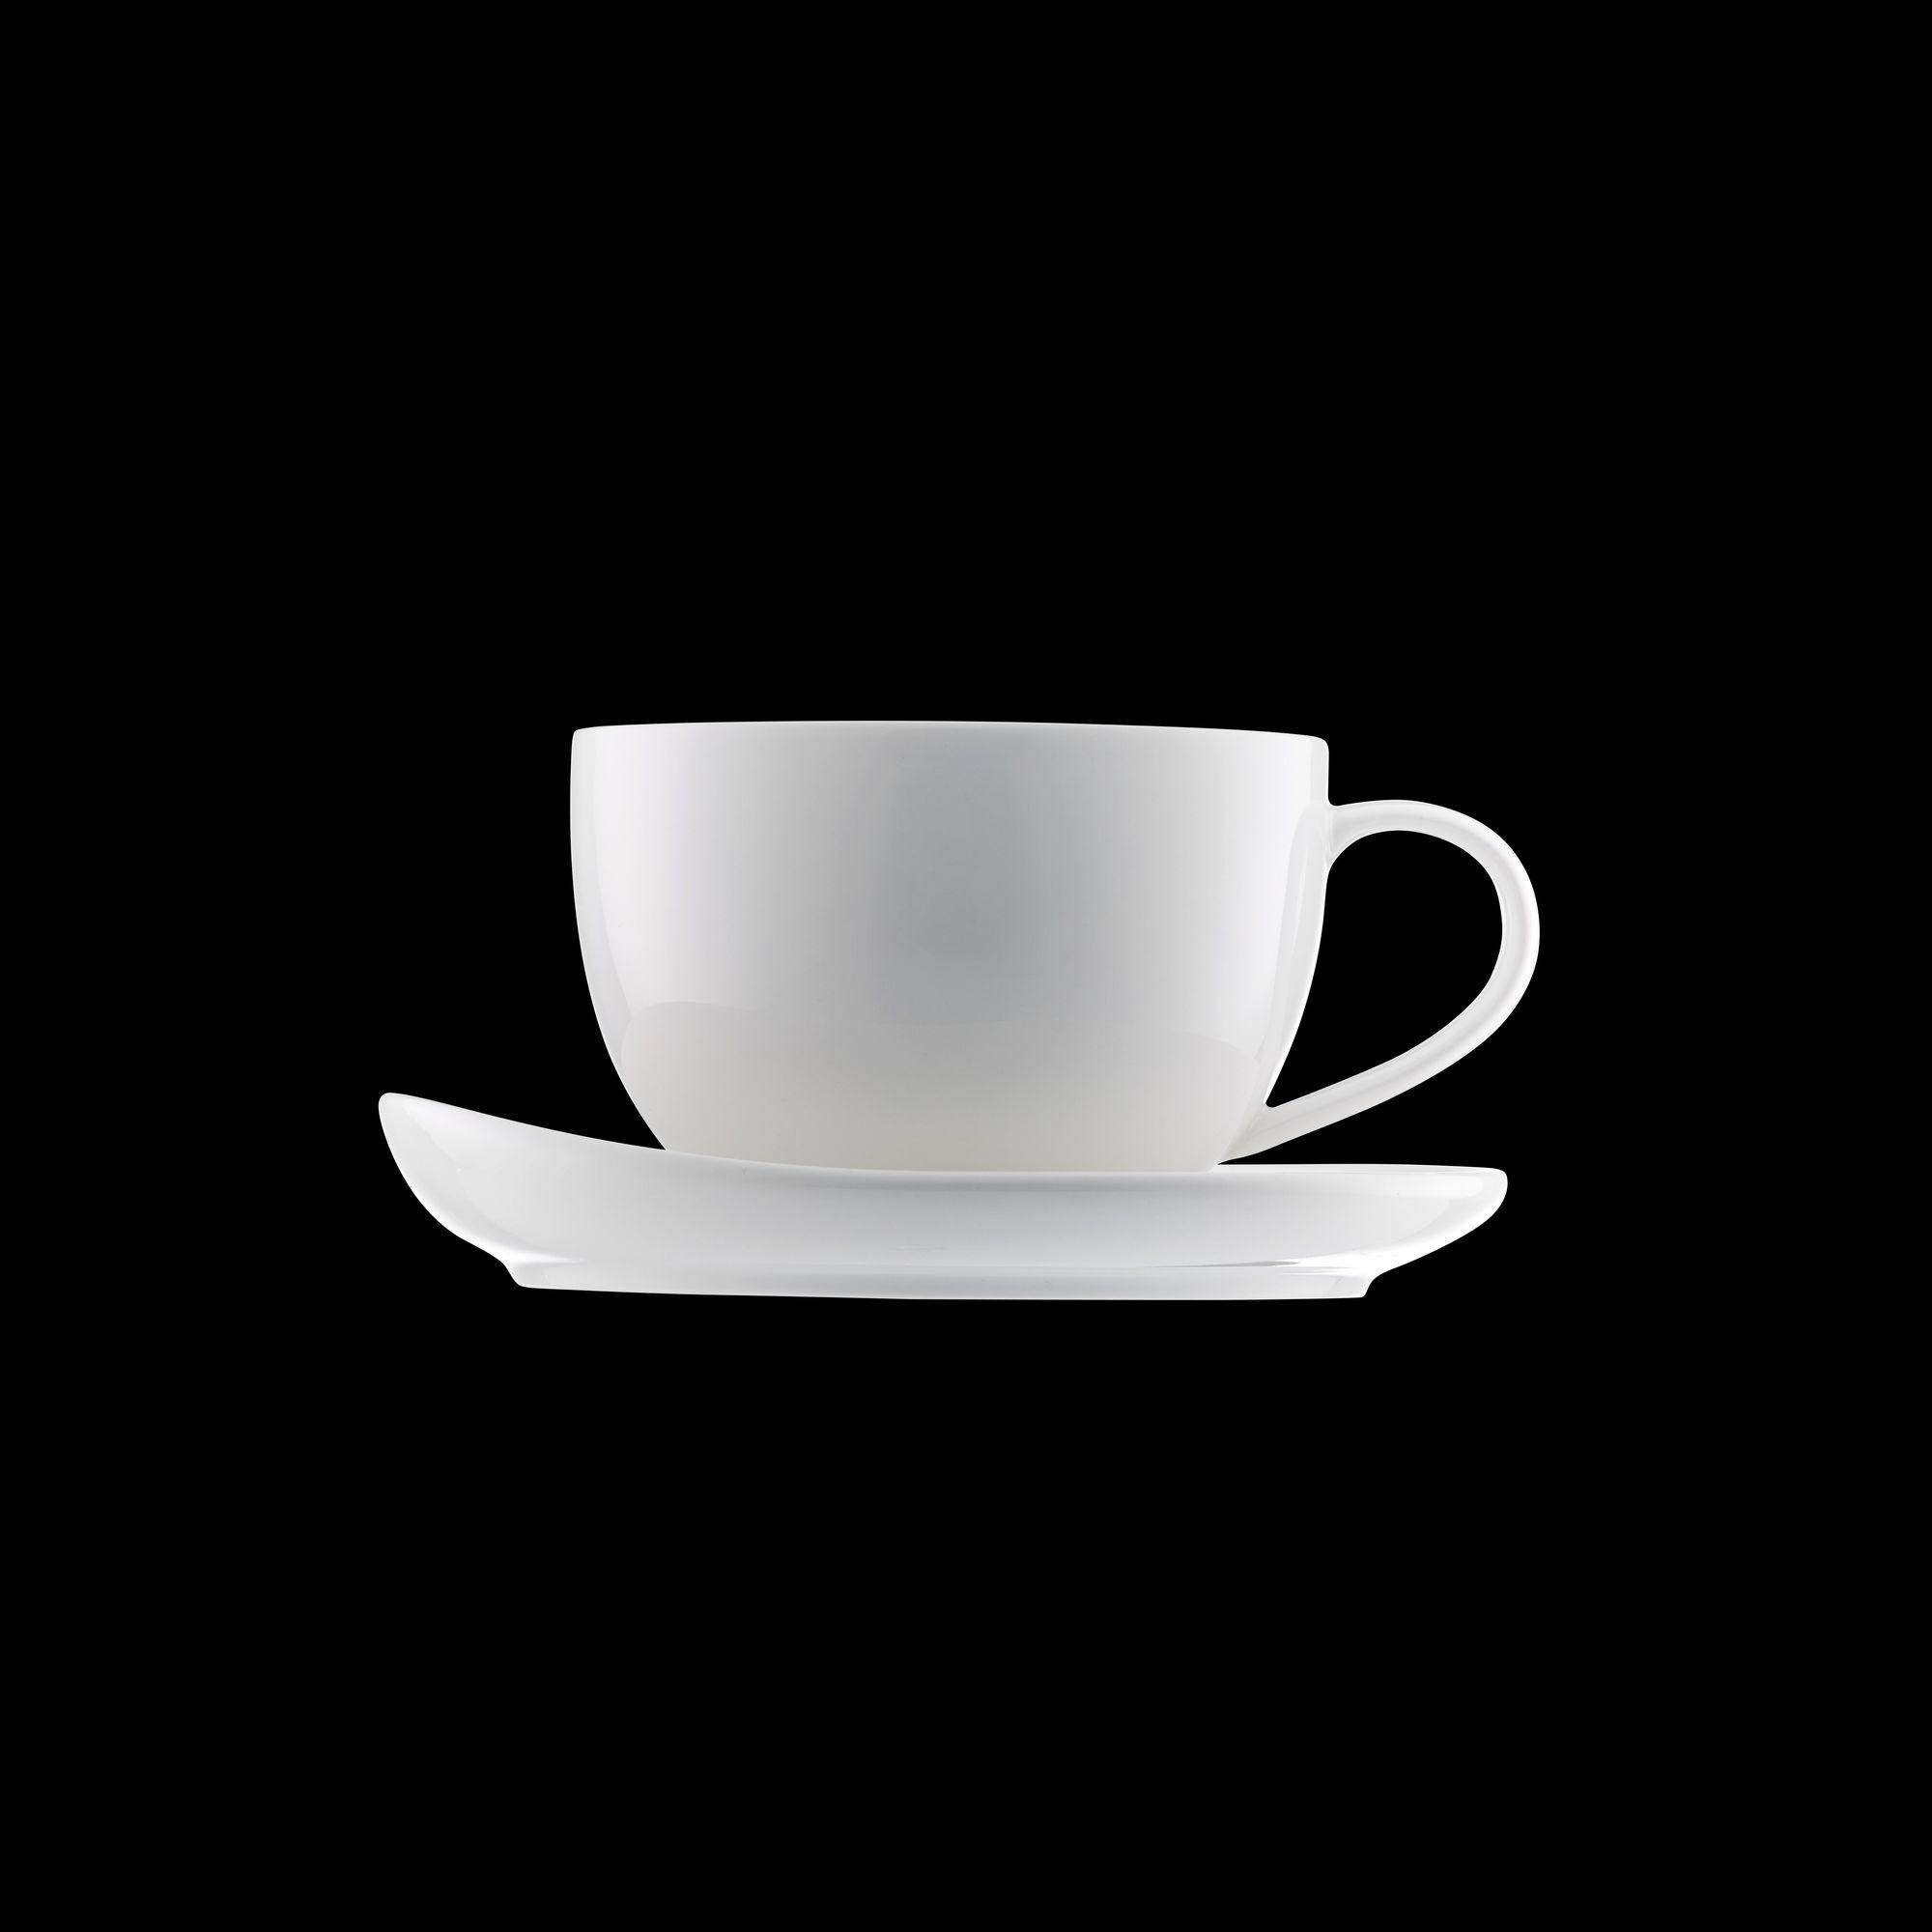 TUDOR ENGLAND Чайная пара (чашка + блюдце) 240 млФарфор Tudor England – идеальное посудное решение для любой семьи или ресторана благодаря доступной цене, отличному внешнему виду и высокому качеству, прочности и долговечности, привлекательному дизайну и большому ассортименту на выбор. Важным преимуществом является возможность использования в микроволновой печи, духовке (до 280 градусов) и мытья в посудомоечной машине. Линейка Tudor Ware производилась с 1828 года, поэтому фарфор Tudor England является наследником традиций, навыков и технологий ушедших поколений, что отражается в каждой из наших фарфоровых коллекций.<br>